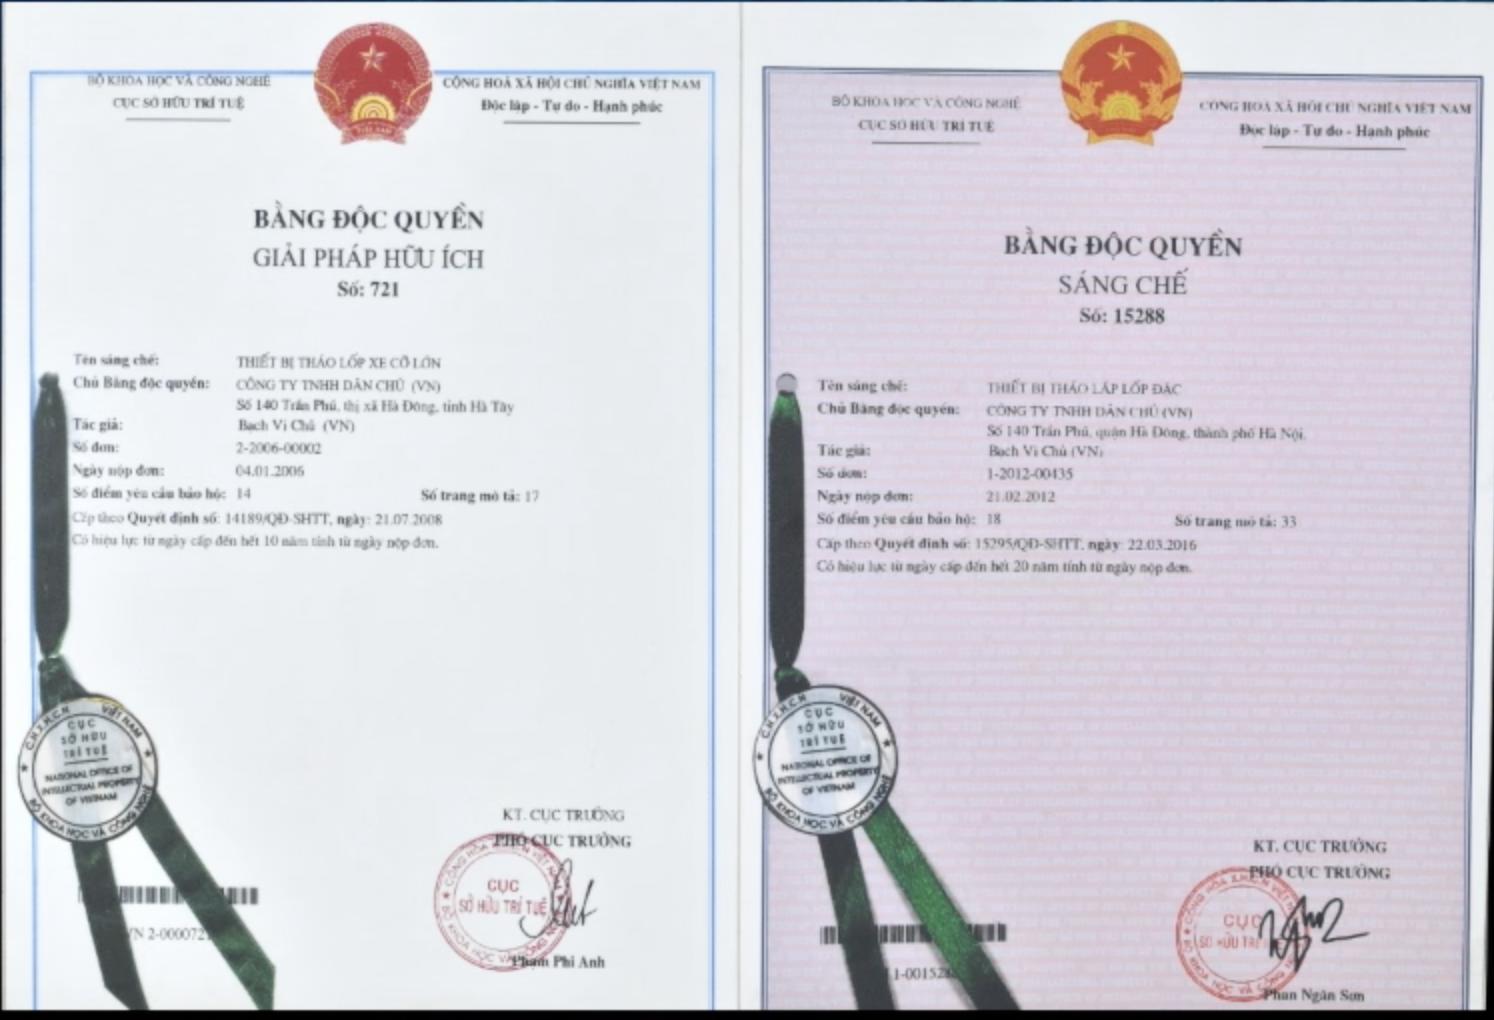 Ông Bạch Vi Chủ vinh dự được cấp bằng sáng chế độc quyền thiết bị tháo lắp lốp xe cỡ lớn và thiết bị tháo lắp lốp đặc bởi cục sở hữu trí tuệ năm 2008 và 2016.